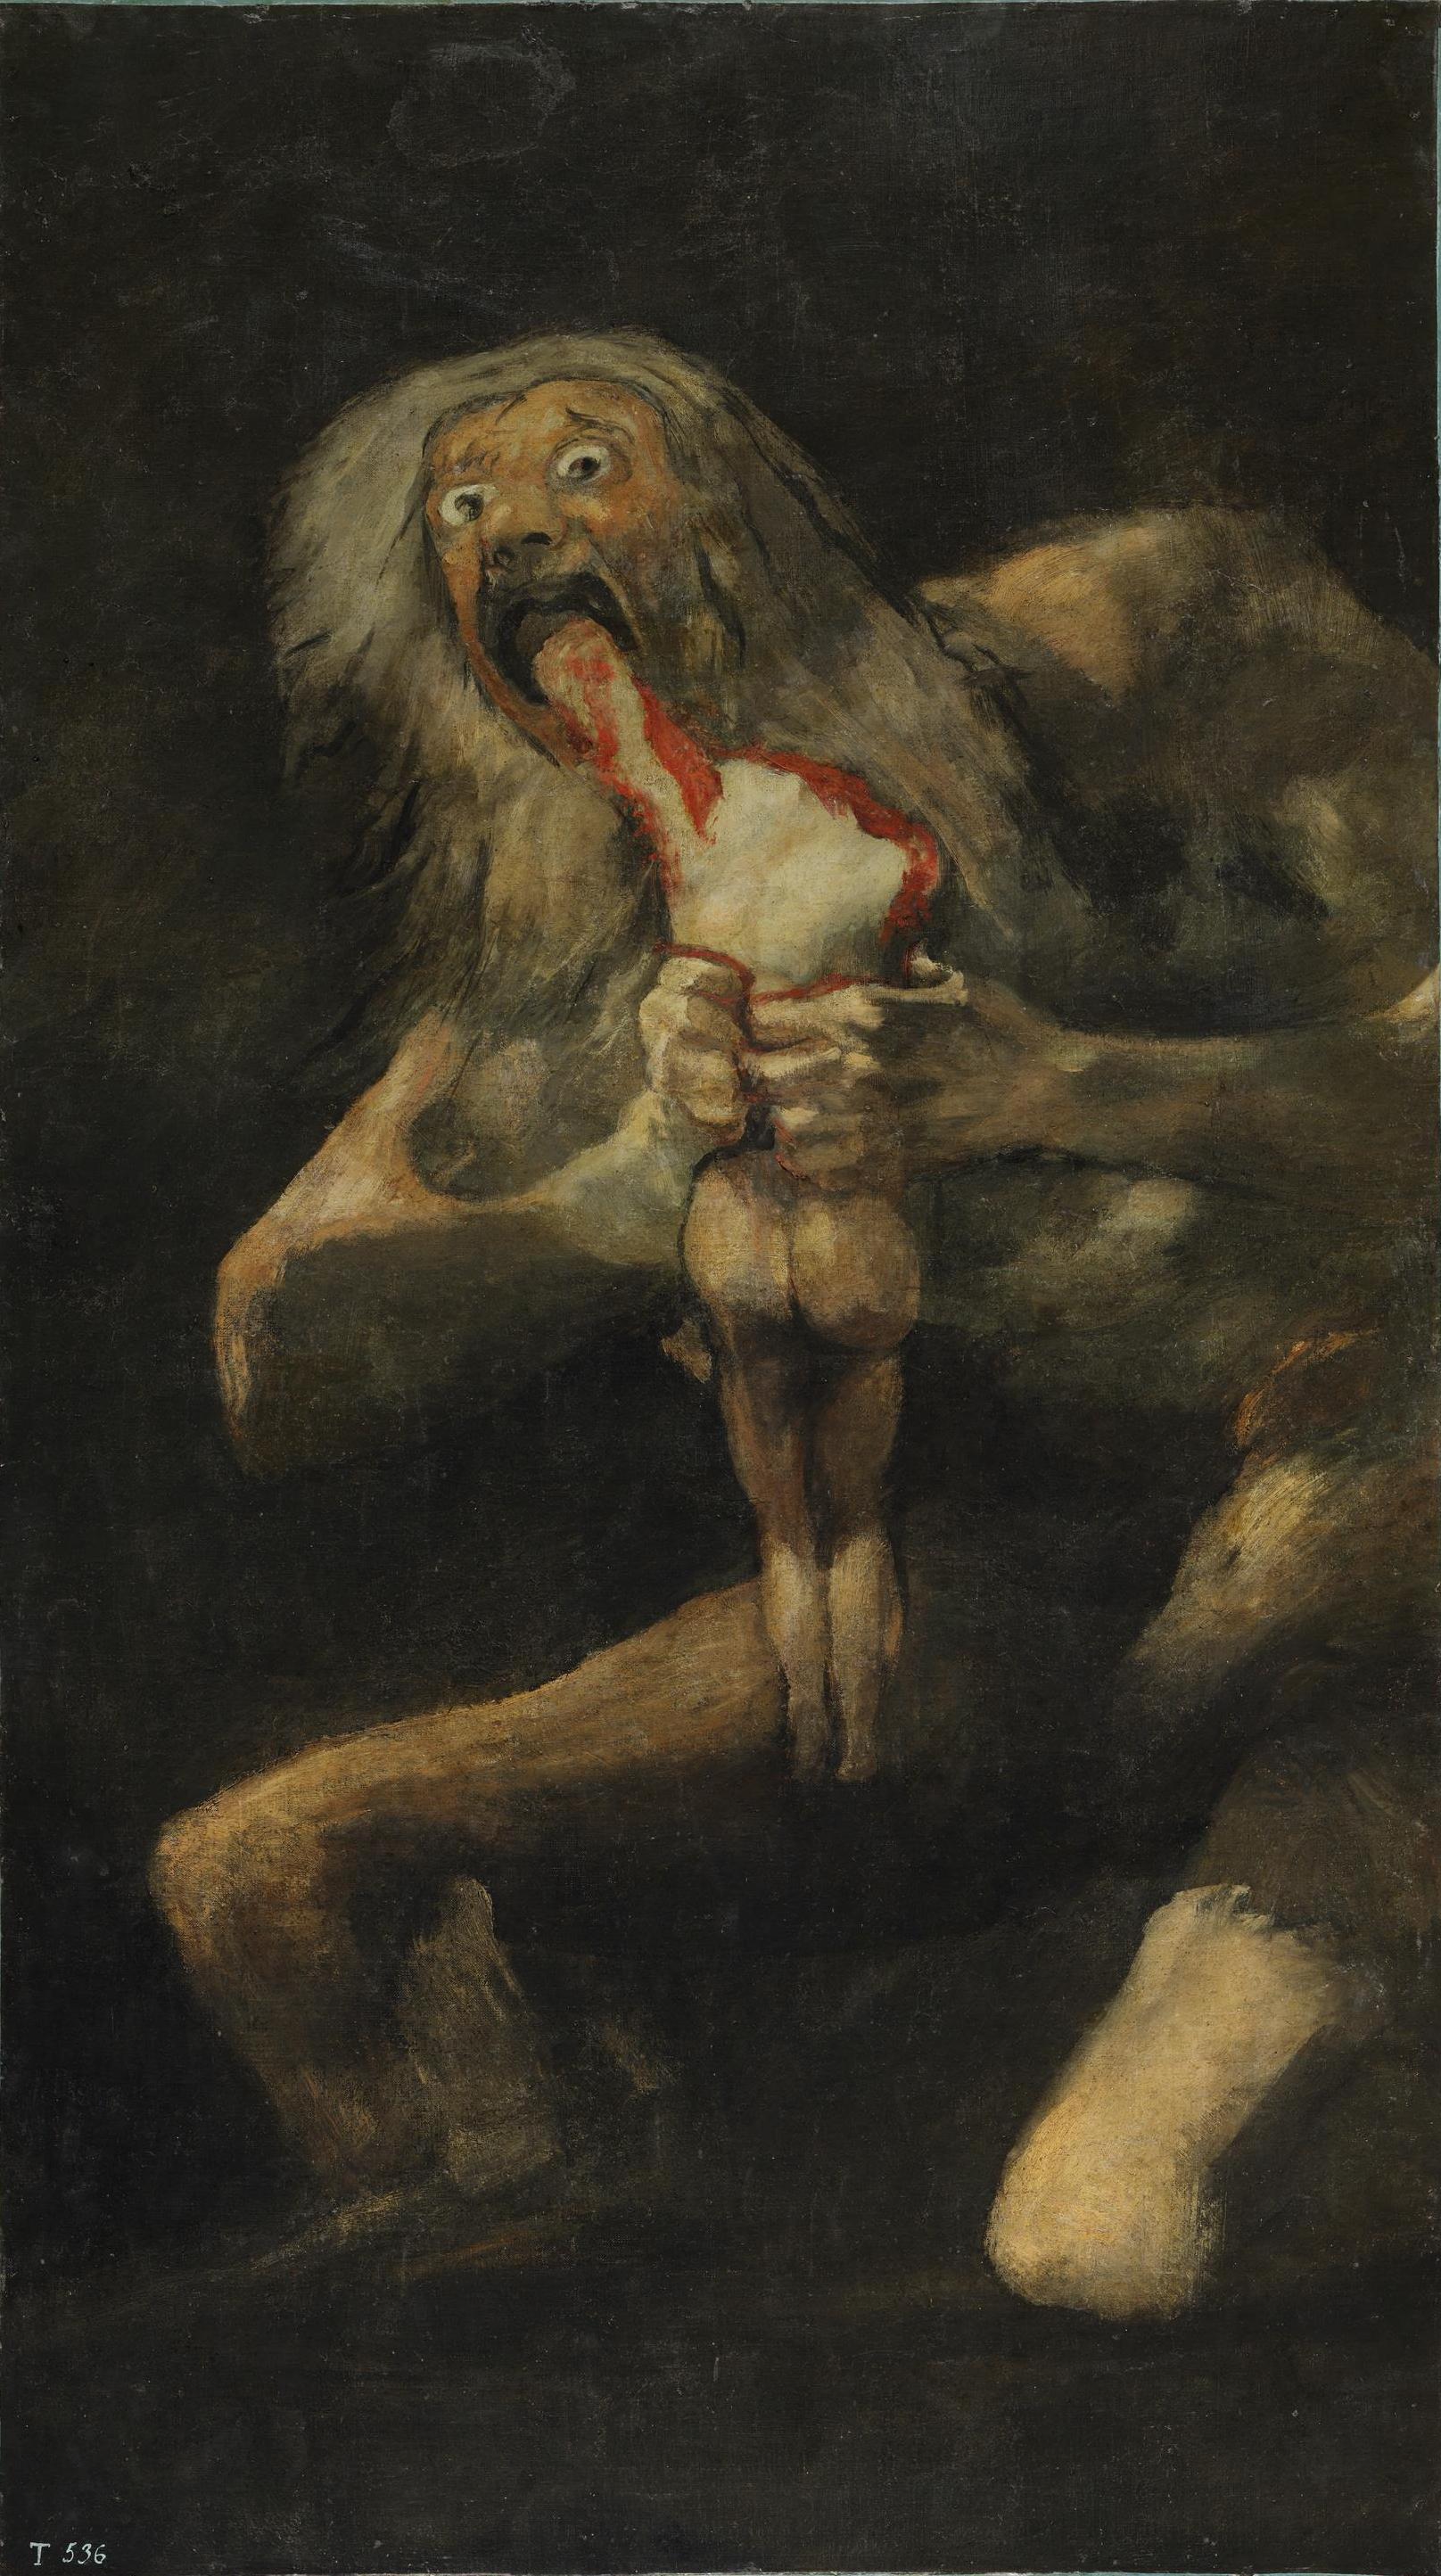 Figure 6 : « Saturne dévorant un de ses fils », Goya, 1819-1823. Source : Wikipedia.